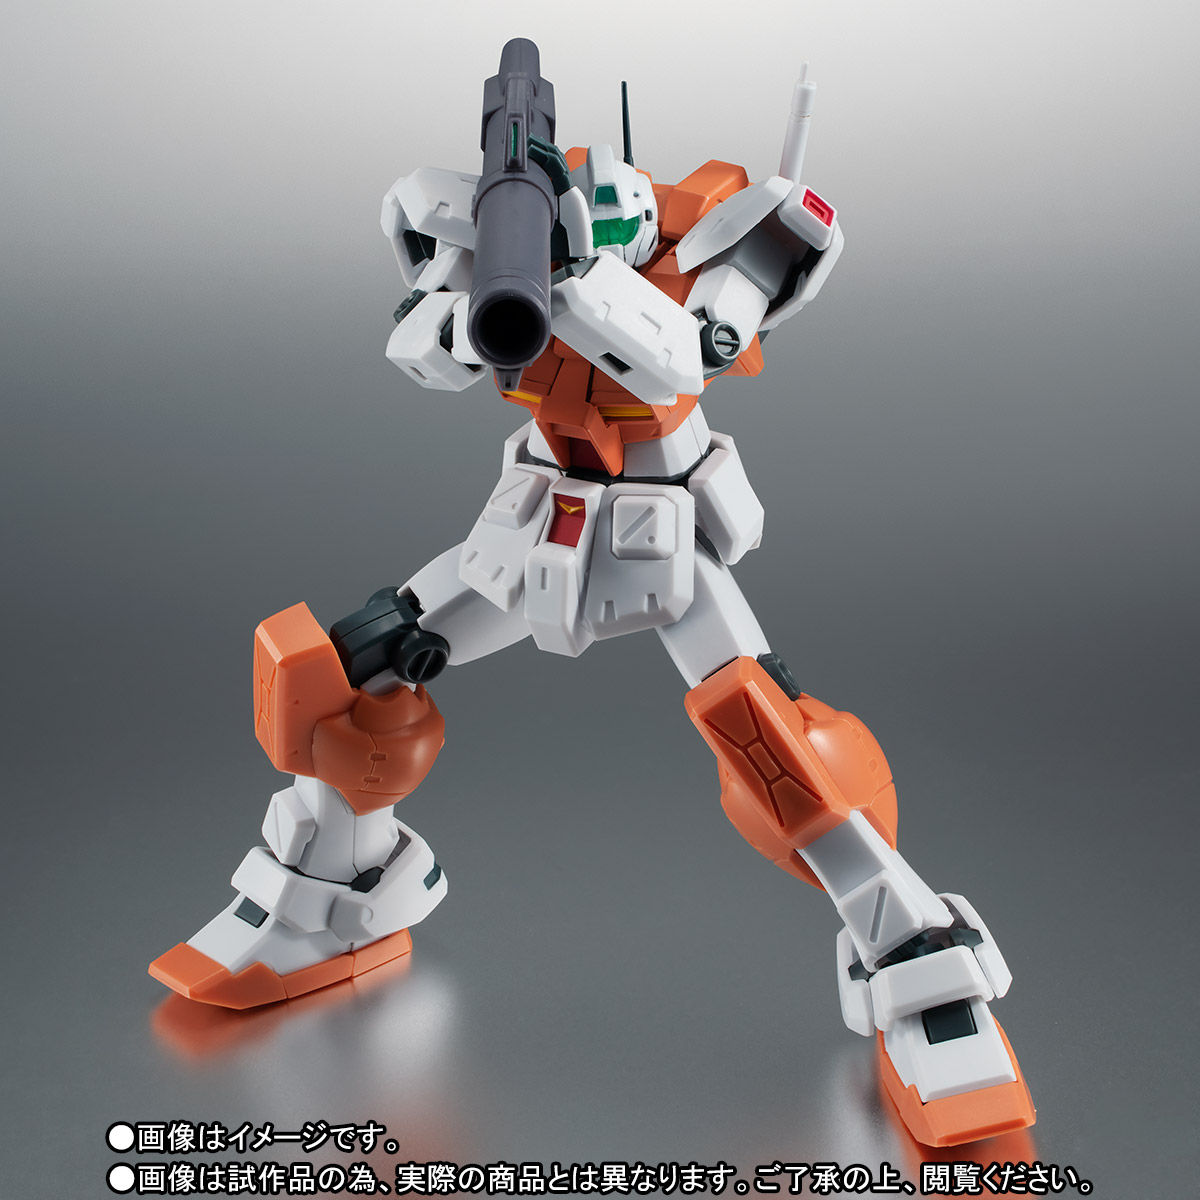 【限定販売】ROBOT魂〈SIDE MS〉『RGM-79 パワード・ジム ver. A.N.I.M.E.』ガンダム0083 可動フィギュア-007